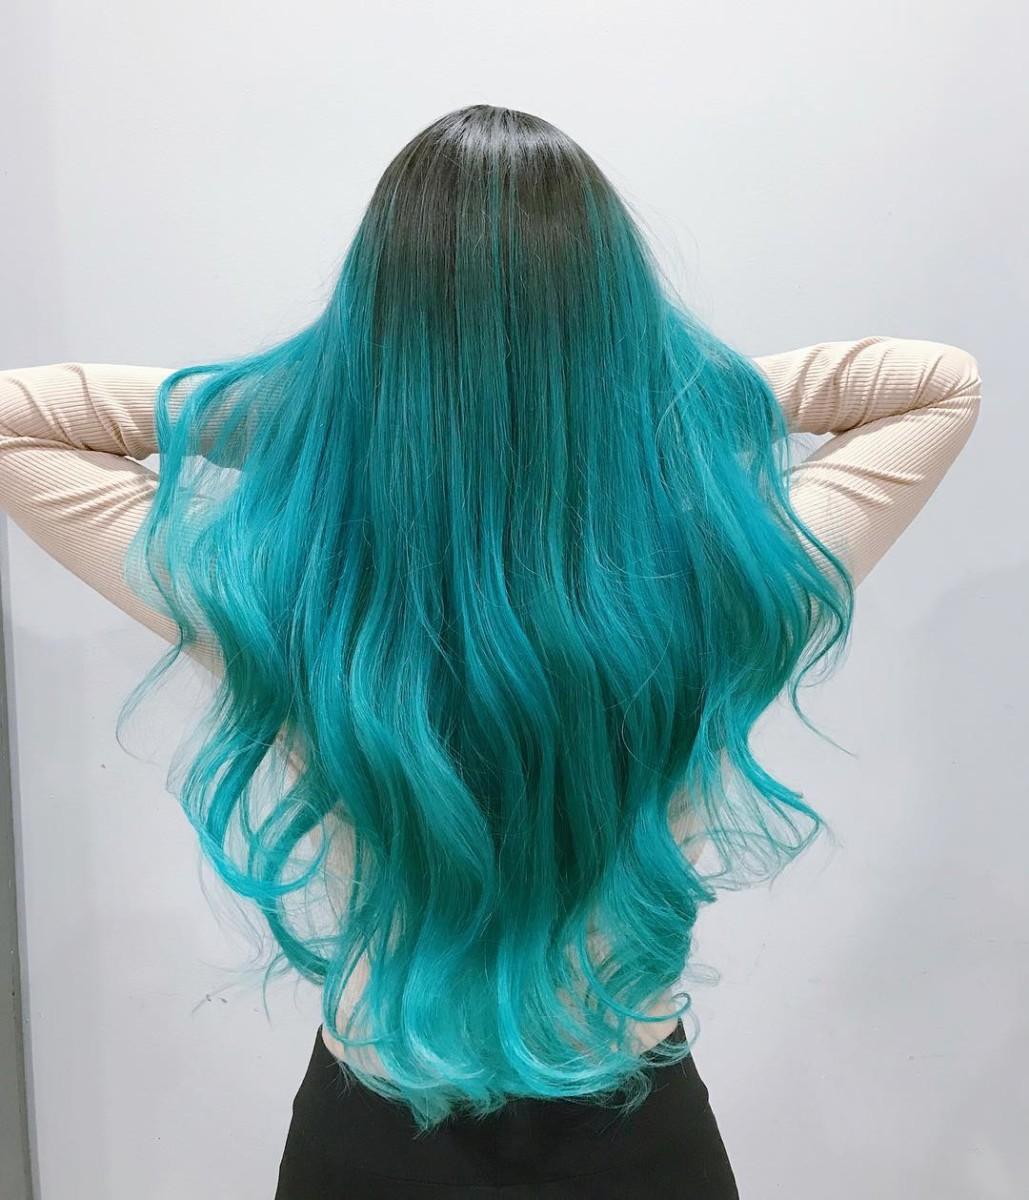 Những điều cần biết khi nhuộm tóc ombre không nên bỏ qua